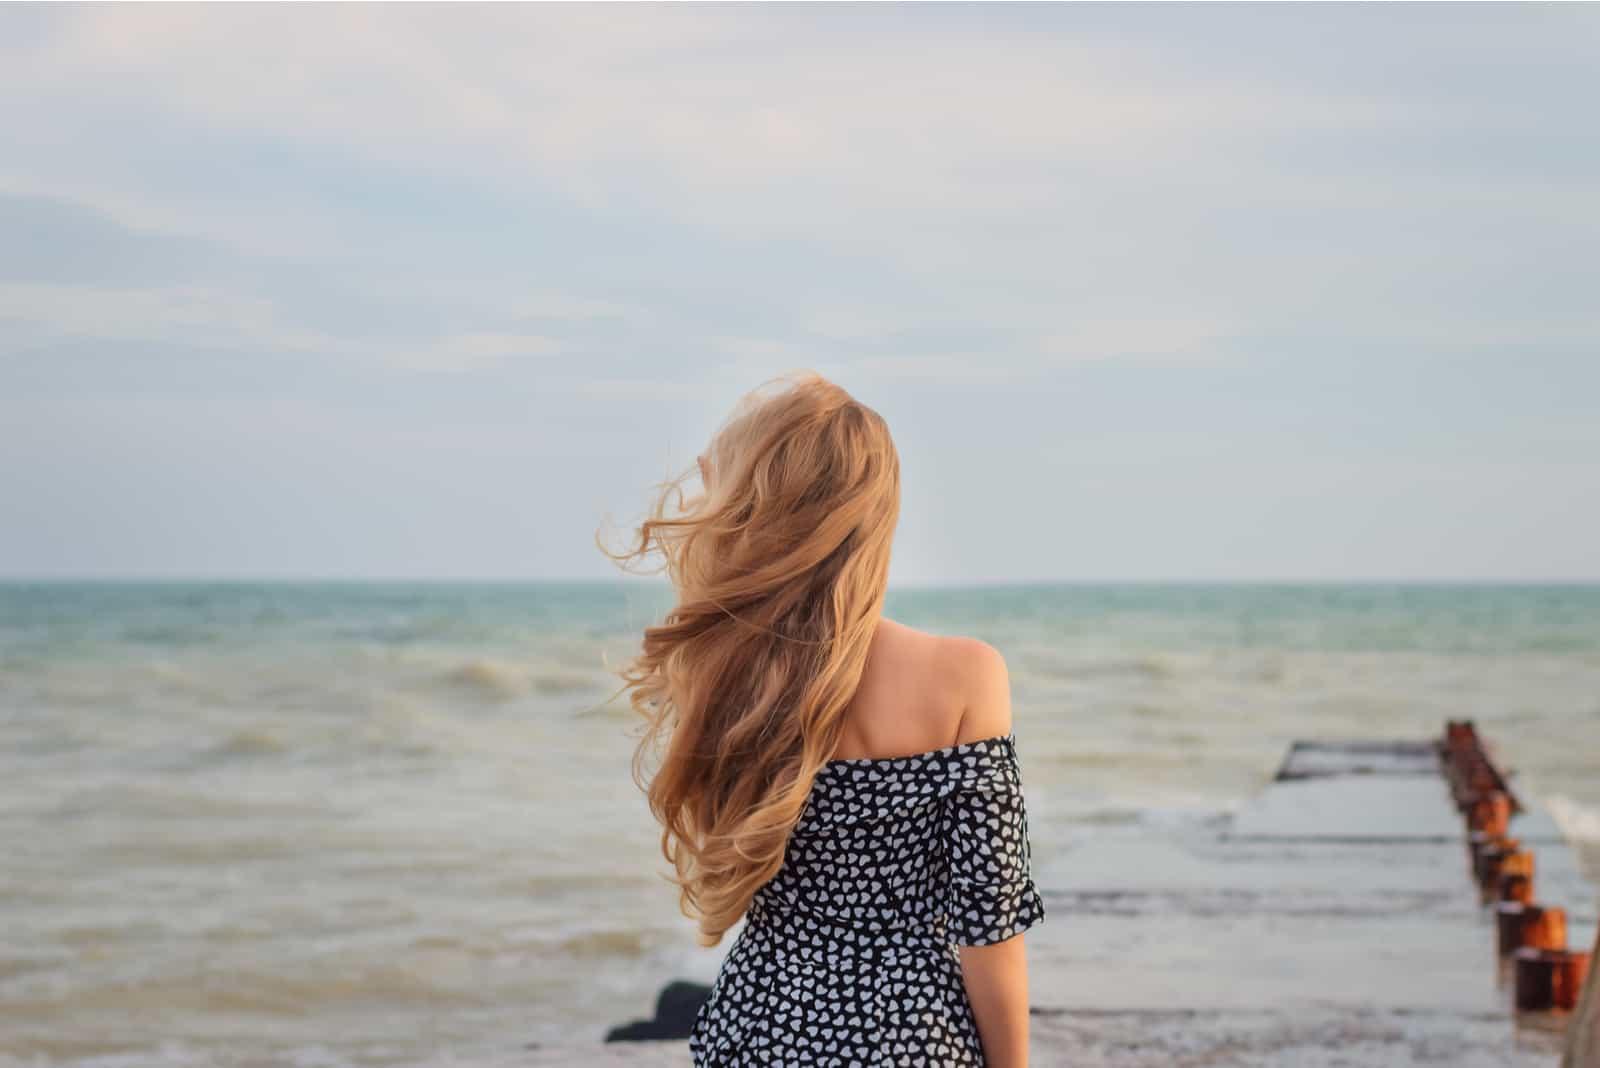 une belle femme aux longs cheveux bruns se dresse au bord de la mer